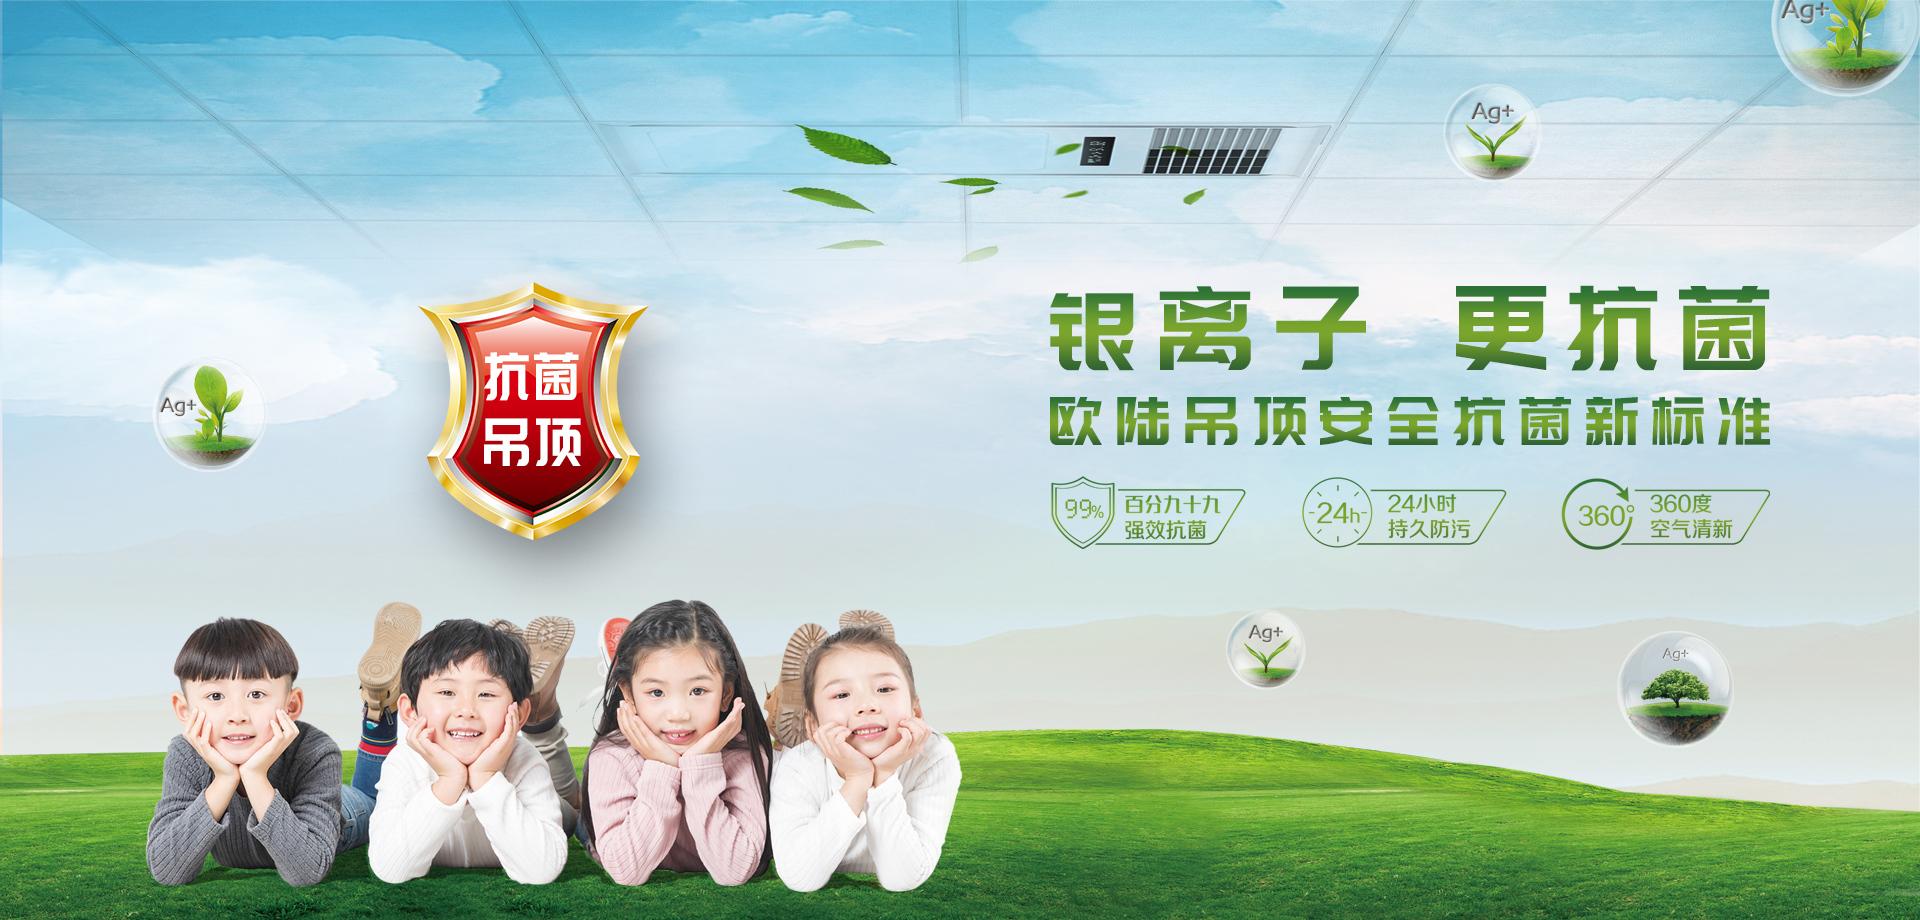 银离子?抗菌新标准,广汽本田上海商务中心应用欧陆美居头头体育吊顶